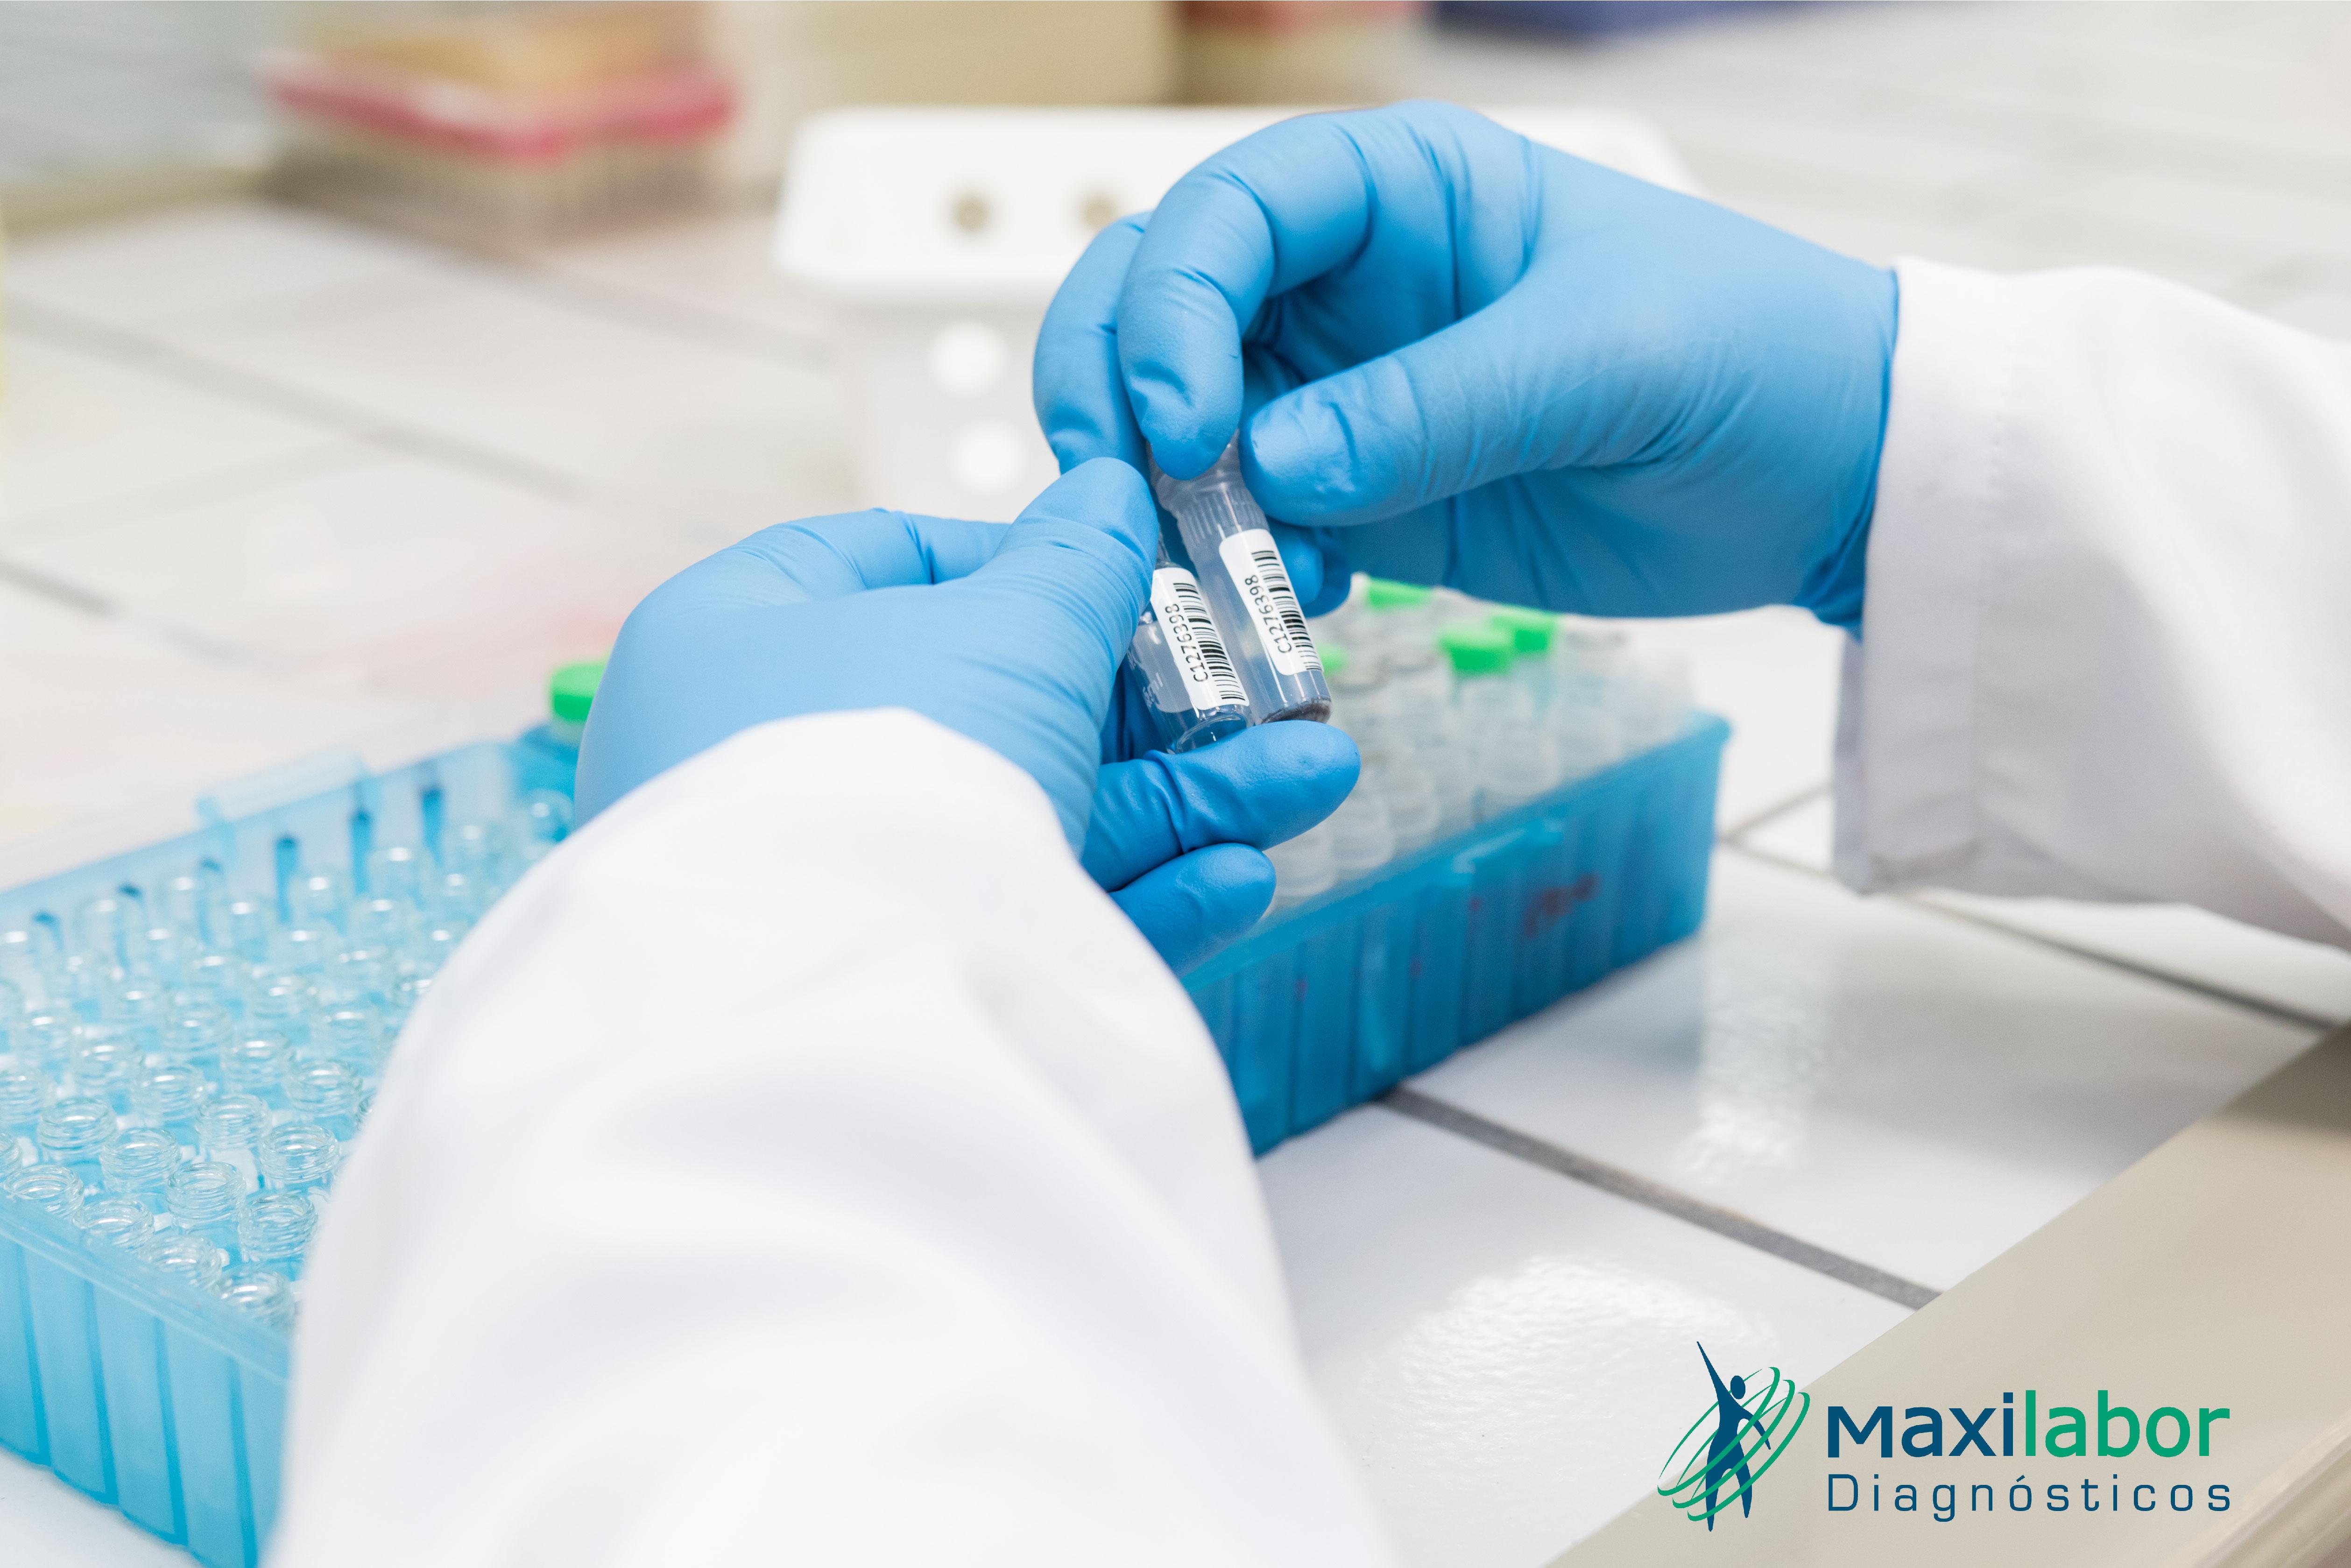 O Maxilabor é referência em análises toxicológicas e segue rigorosamente seus princípios éticos e de qualidade